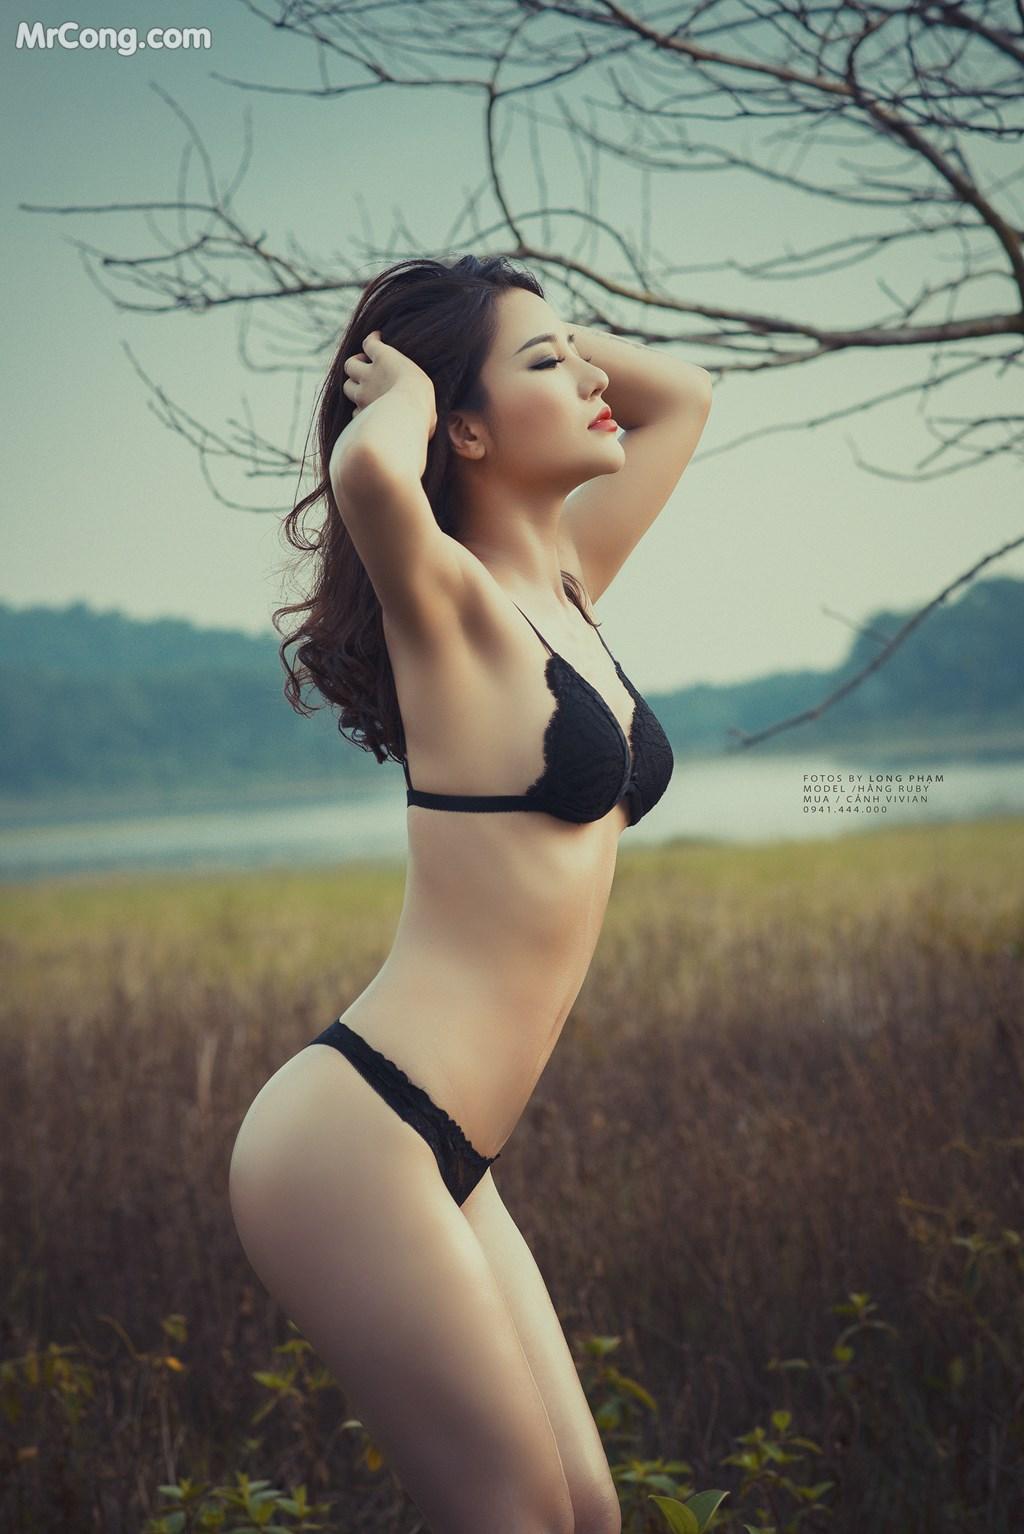 Image Girl-xinh-Viet-Nam-by-Long-Pham-P1-MrCong.com-014 in post Gái Việt xinh đẹp và nóng bỏng qua góc chụp của Long Phạm - Phần 1 (405 ảnh)